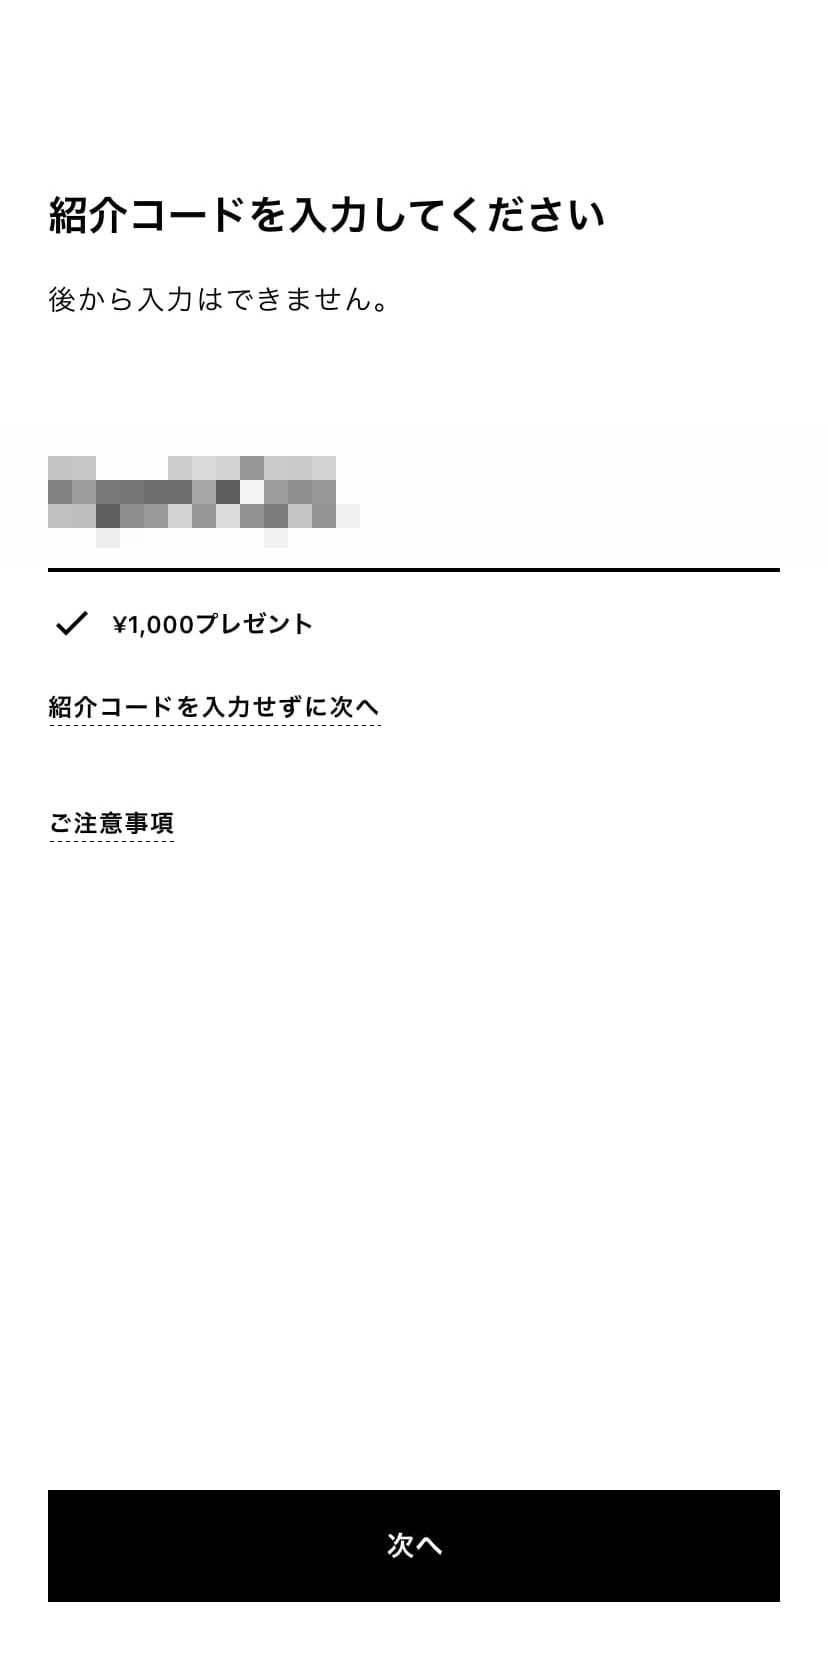 紹介コードが有効であれば 「¥1,000プレゼント」 と表示されます。